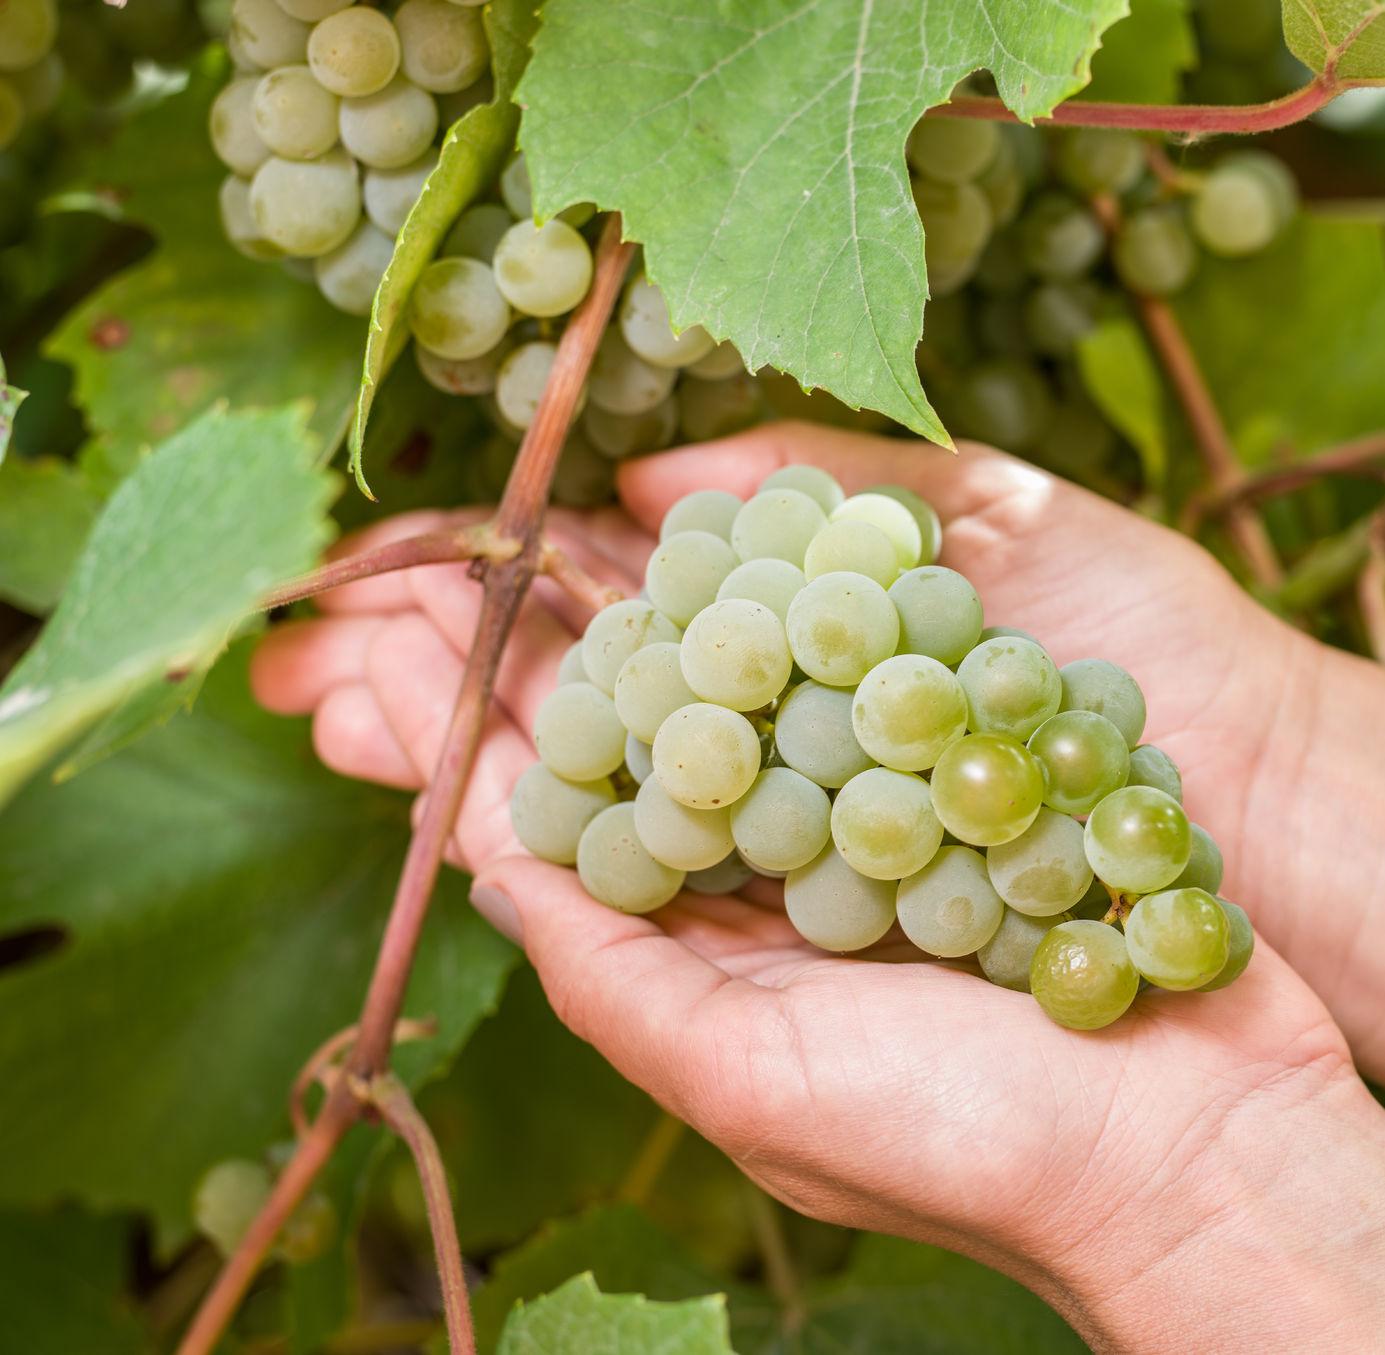 őstermelői igazolvány, magánfőzés, bortermelők